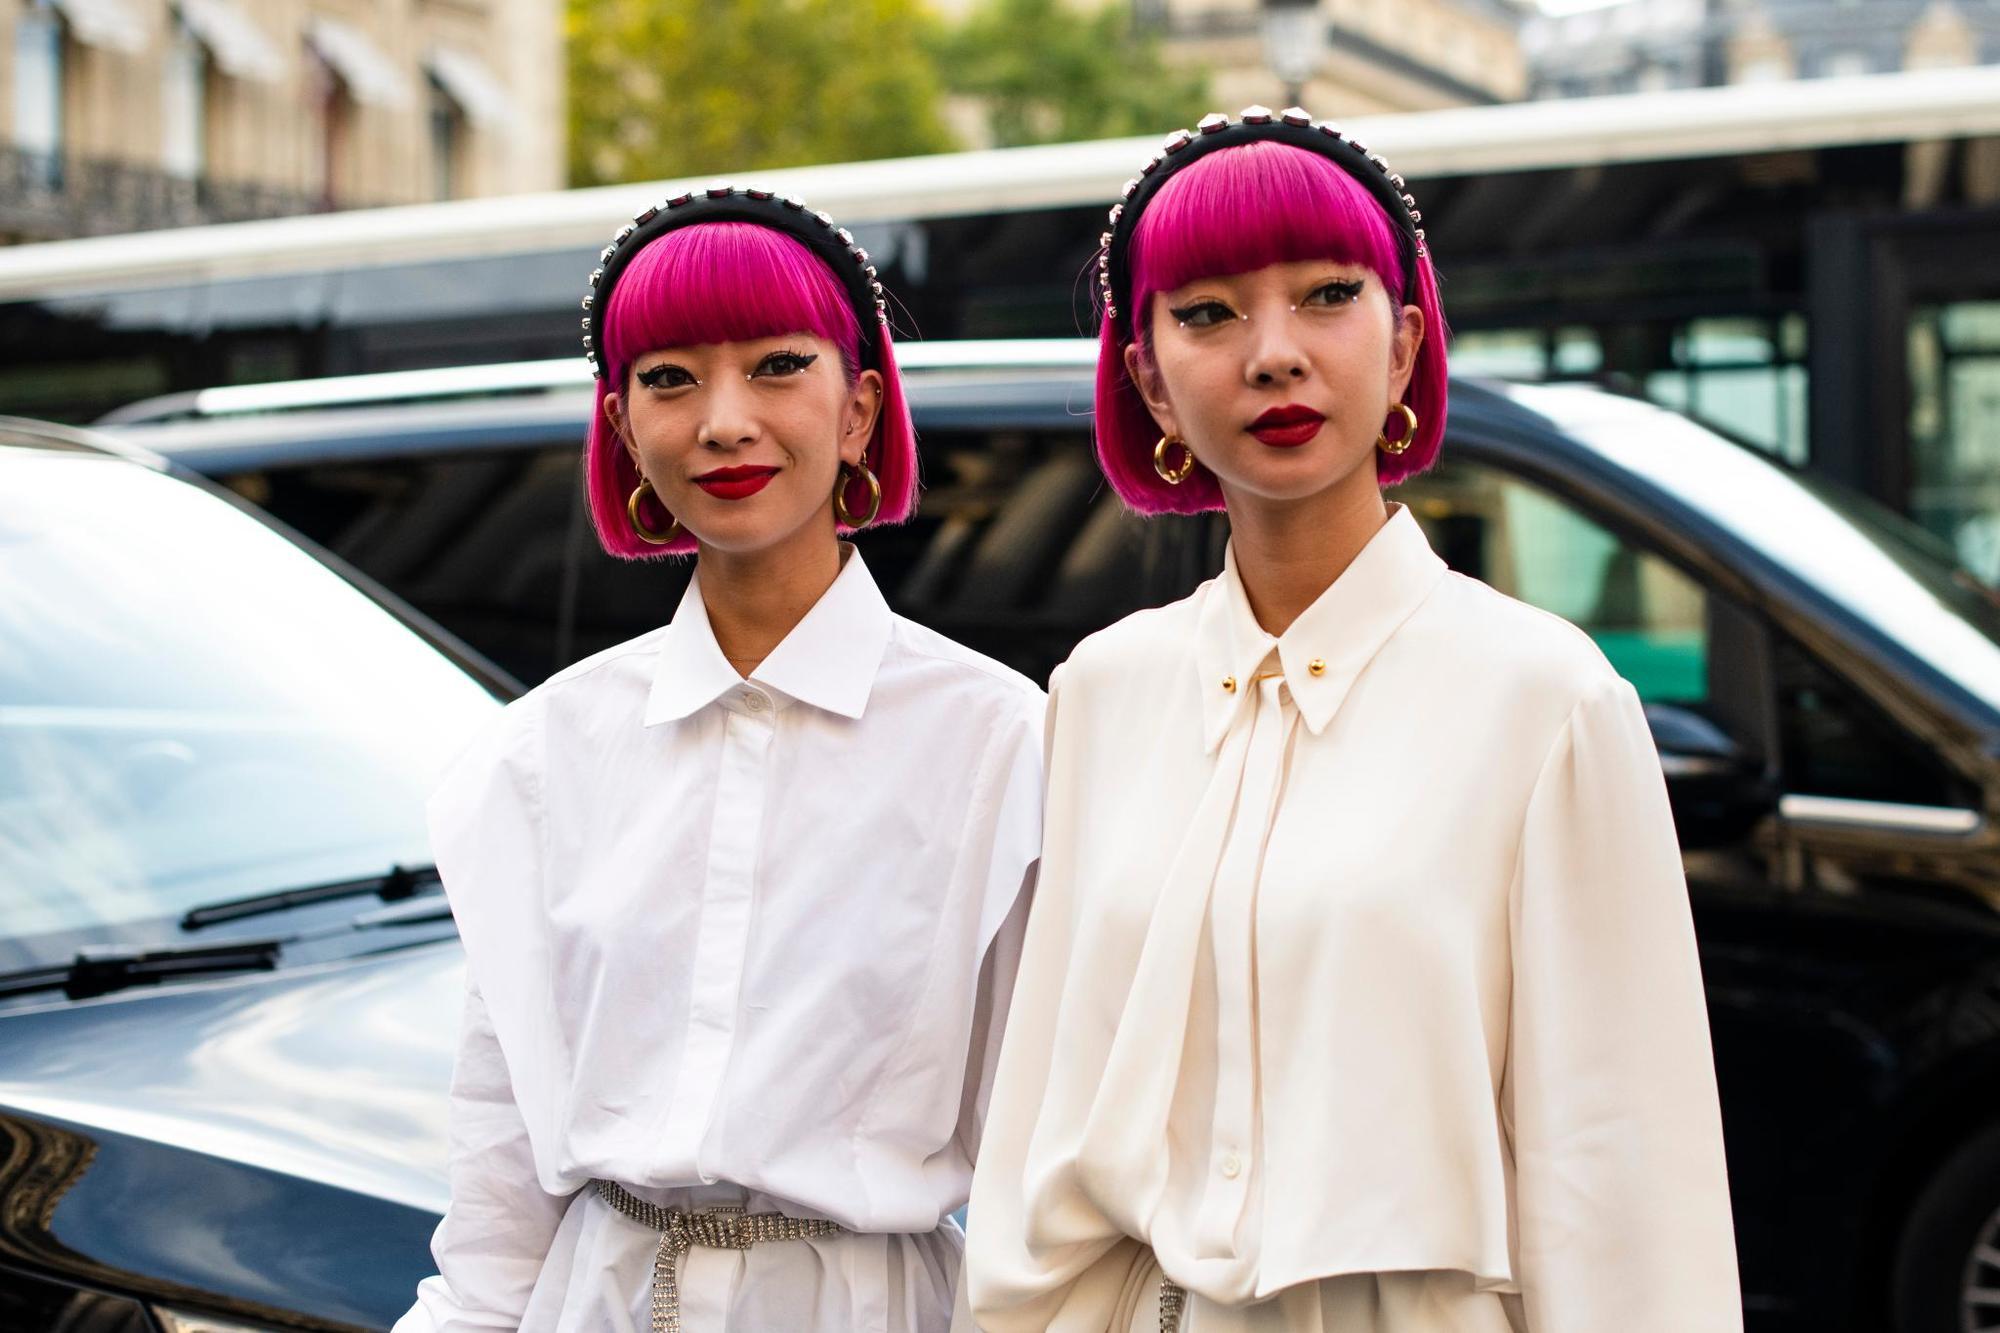 Jumeaux avec une bosse rose british avec une frange